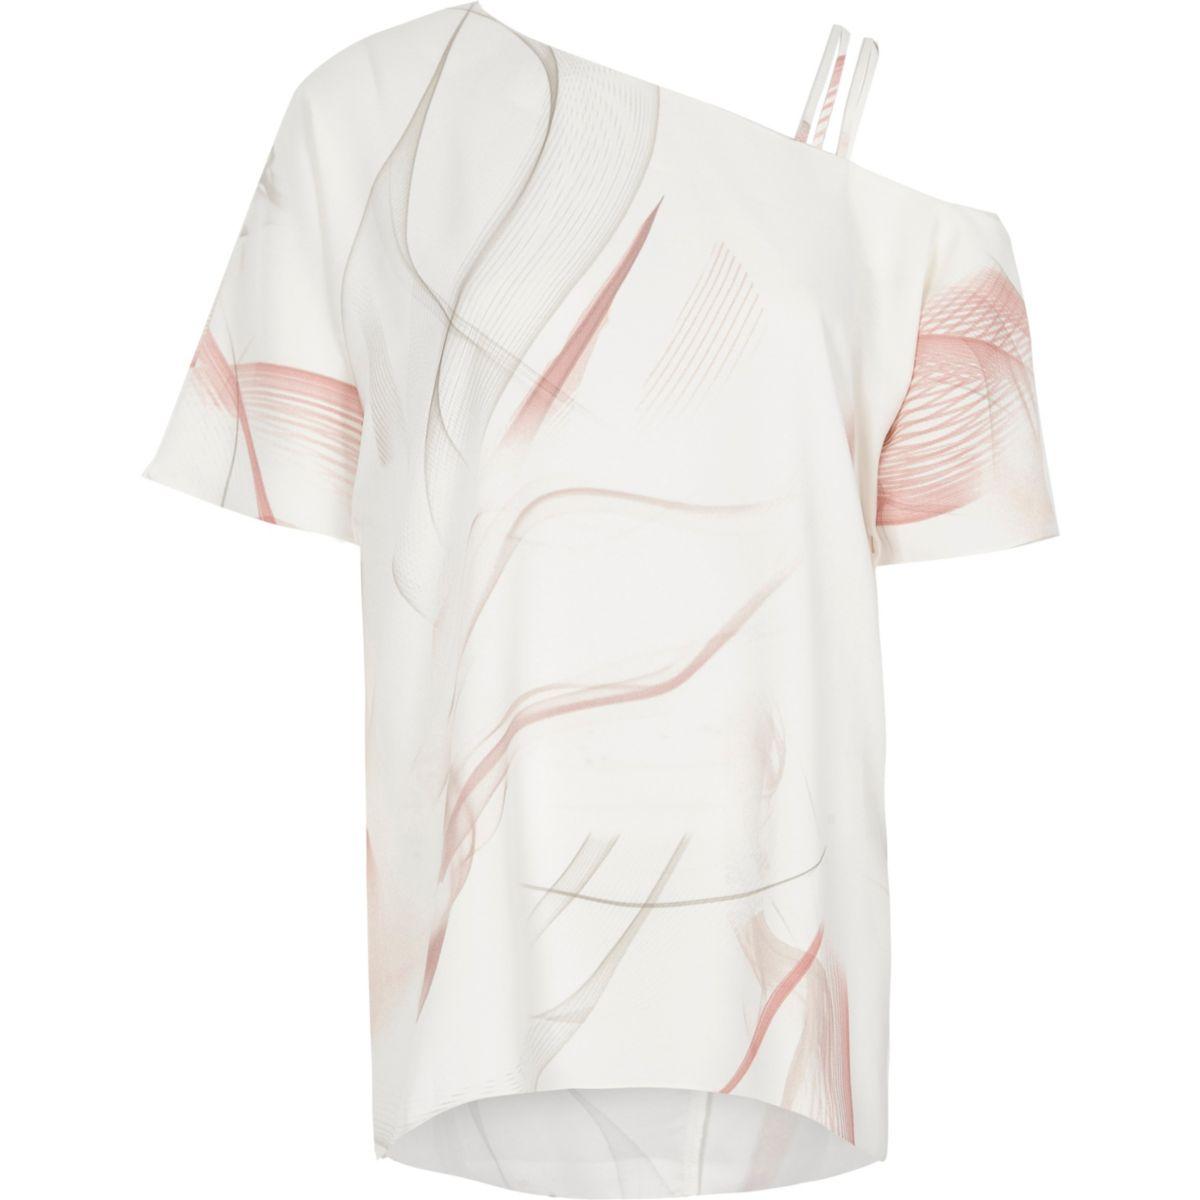 Pinkes, asymmetrisches Oberteil